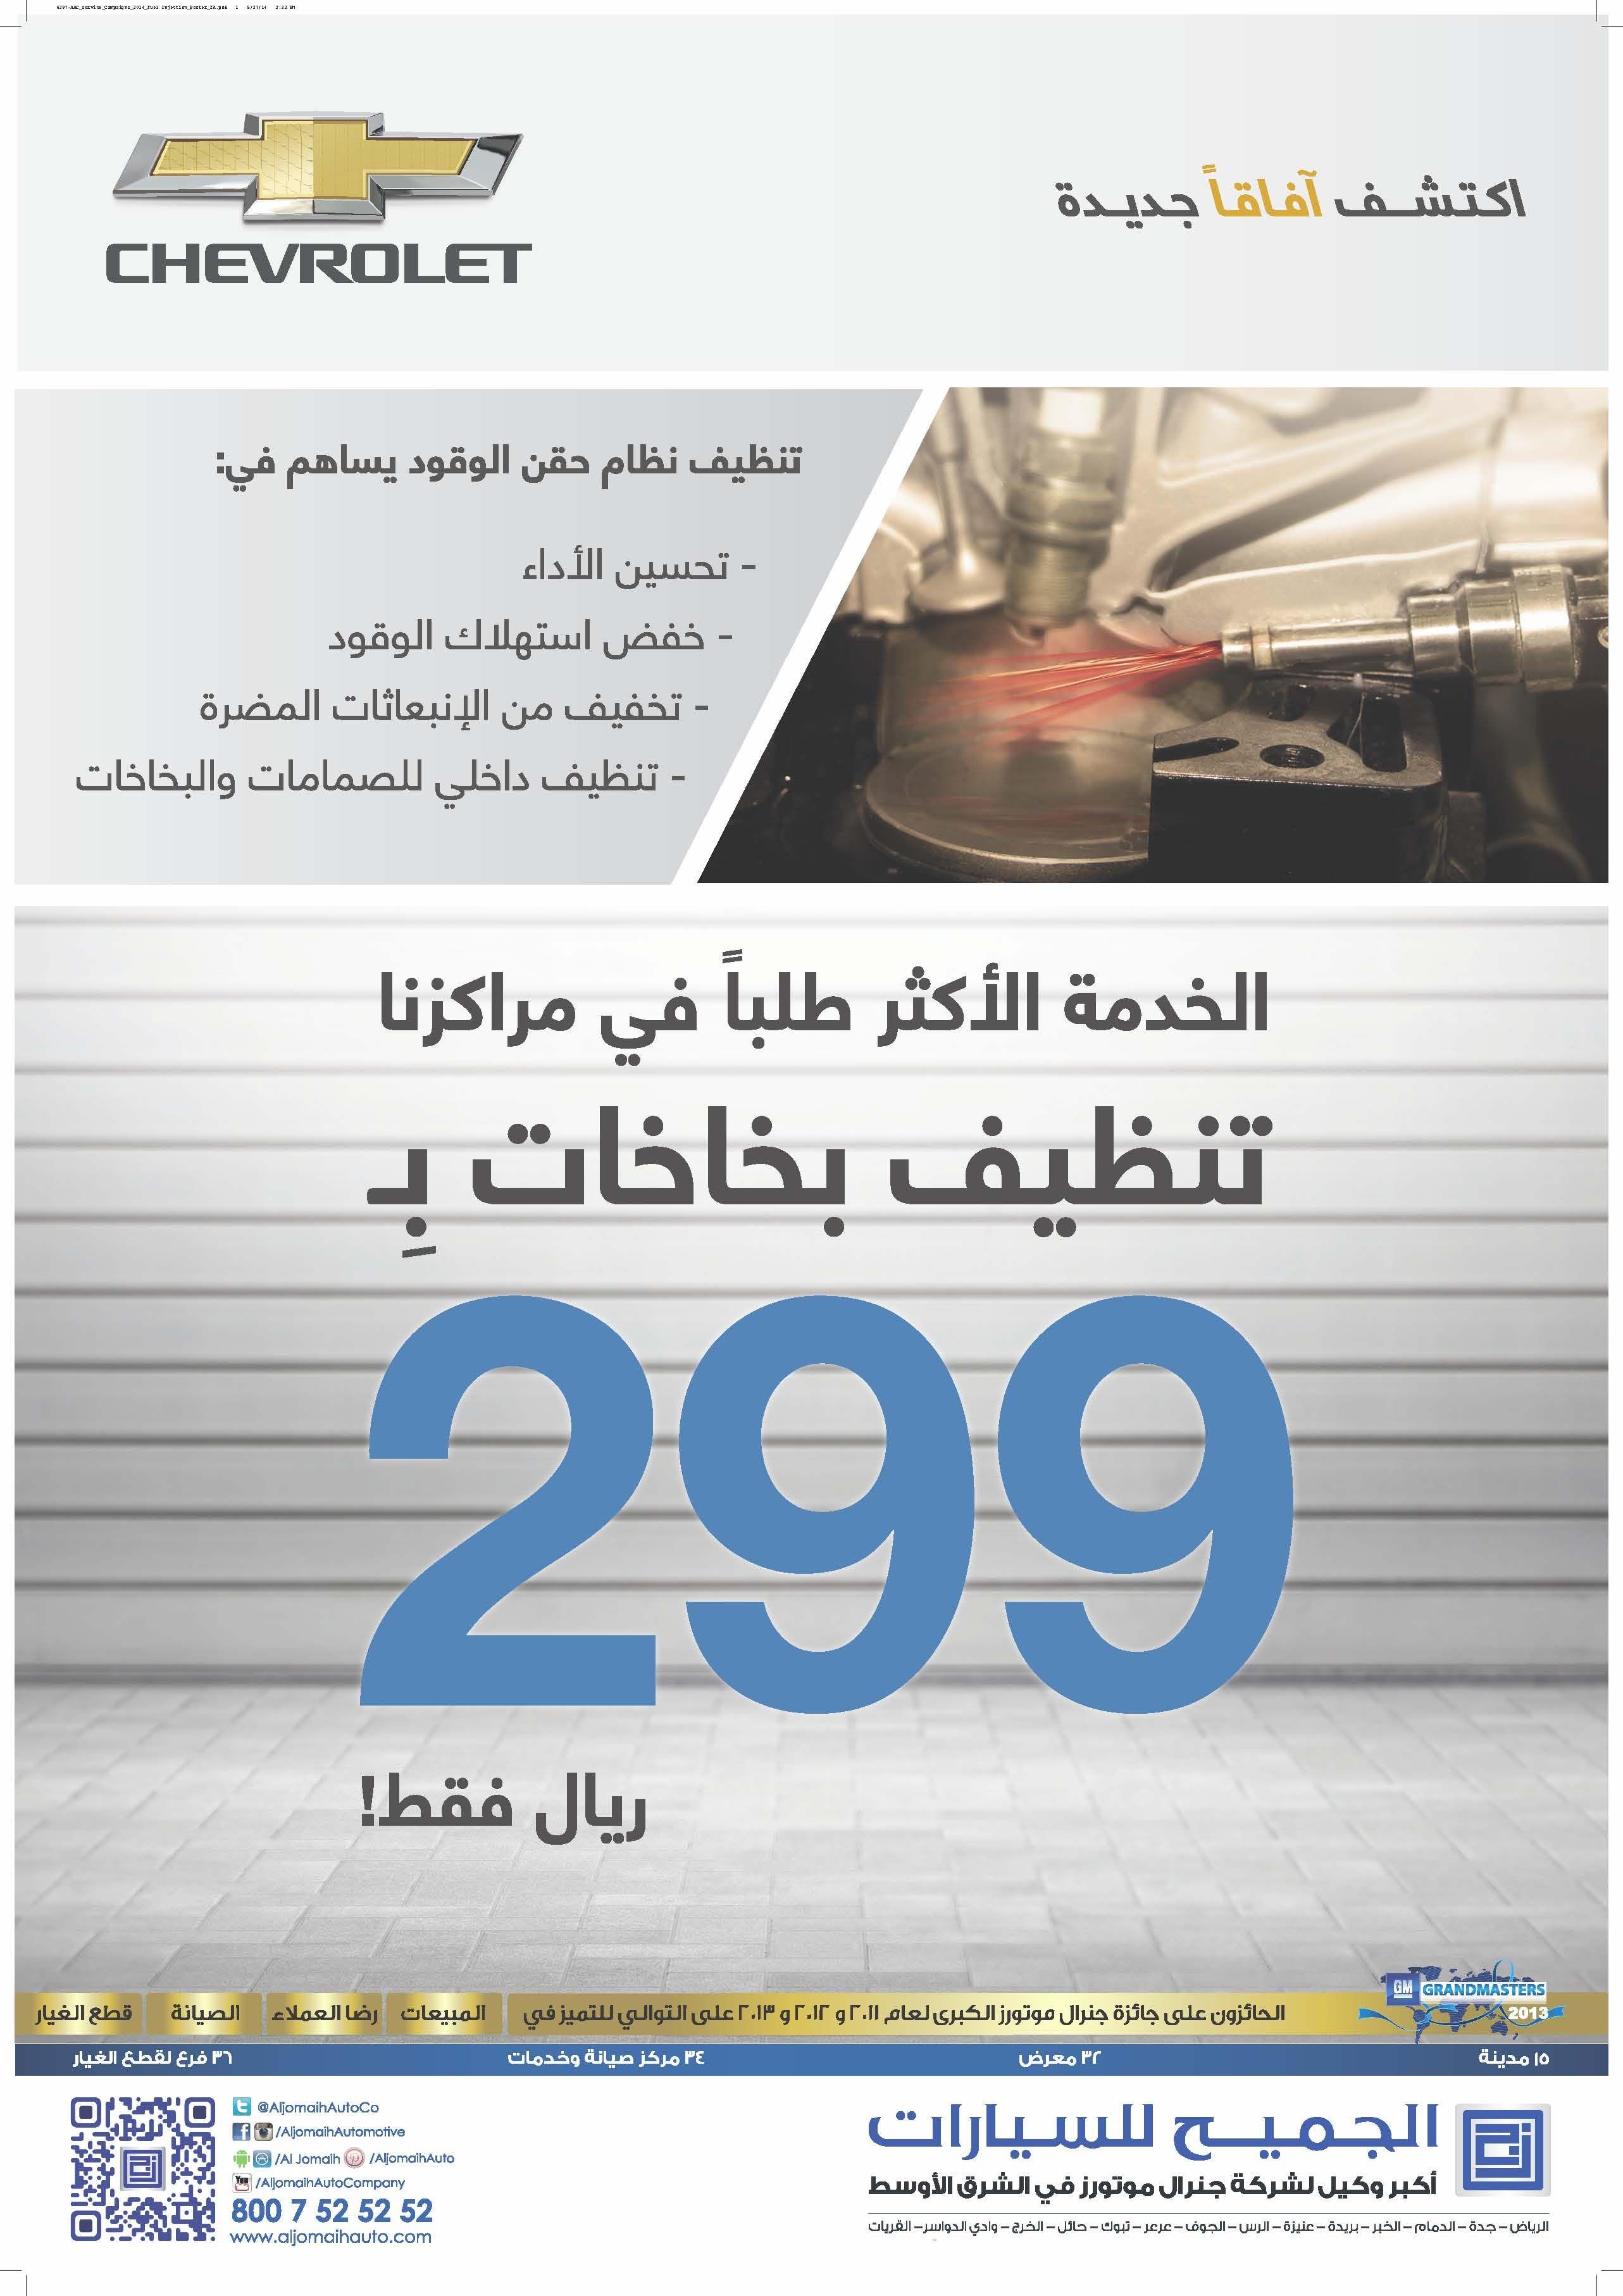 الخدمة الأكثر طلبا في مراكزنا تنظيف بخاخات بـ299 ريال عروض الجميح سيارات Chevrolet Obi Shopping